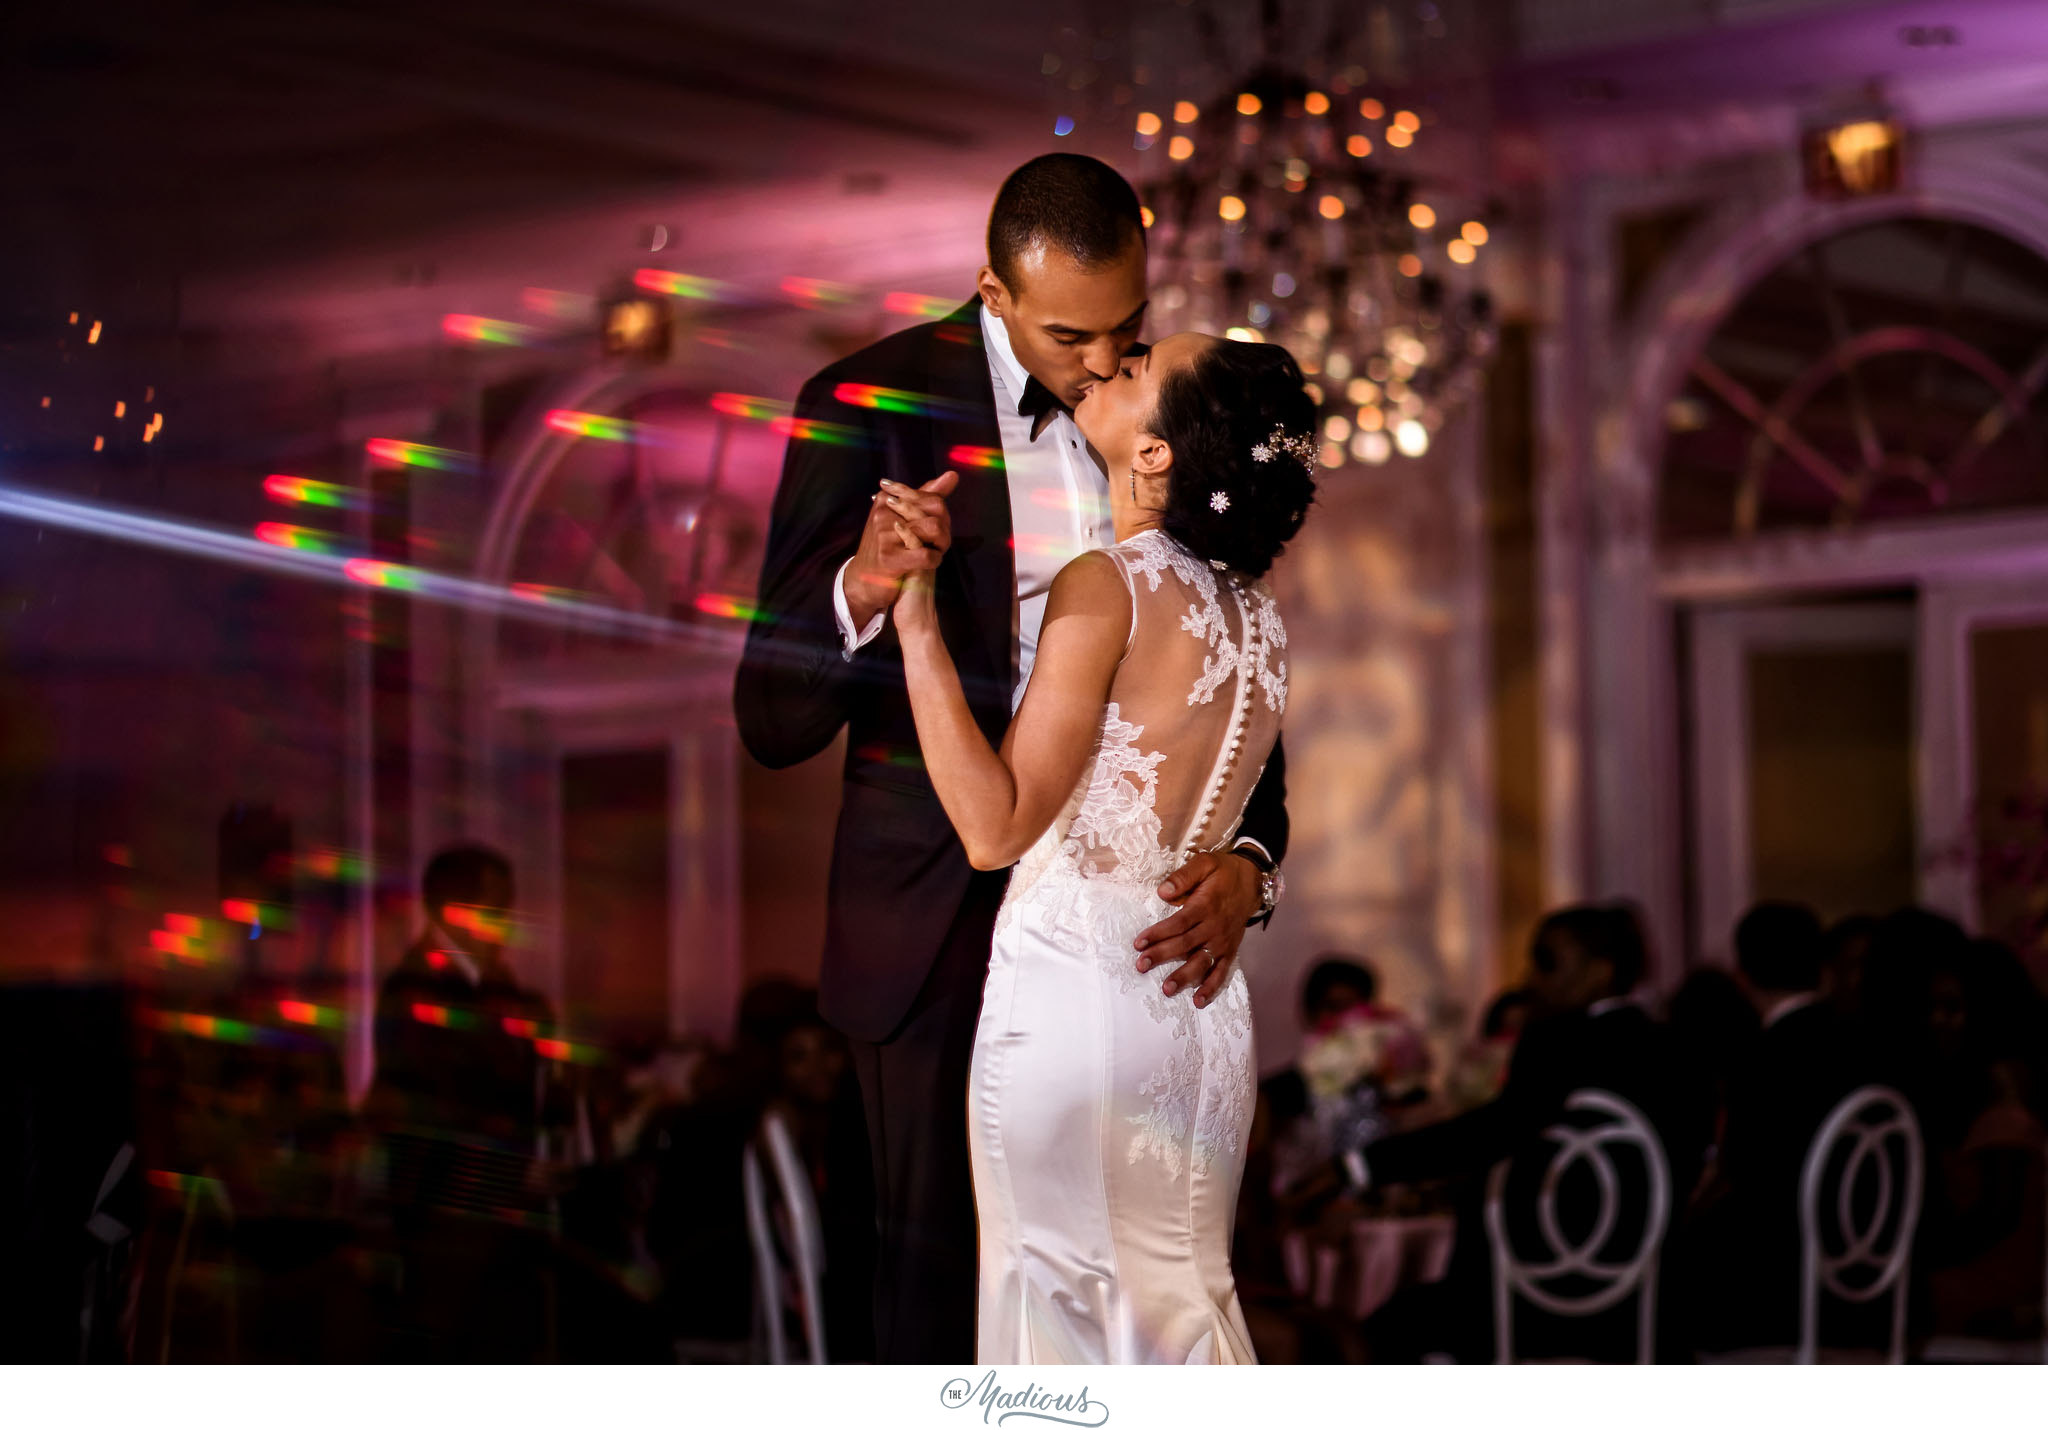 Fairmont Hotel DC Wedding 32.JPG